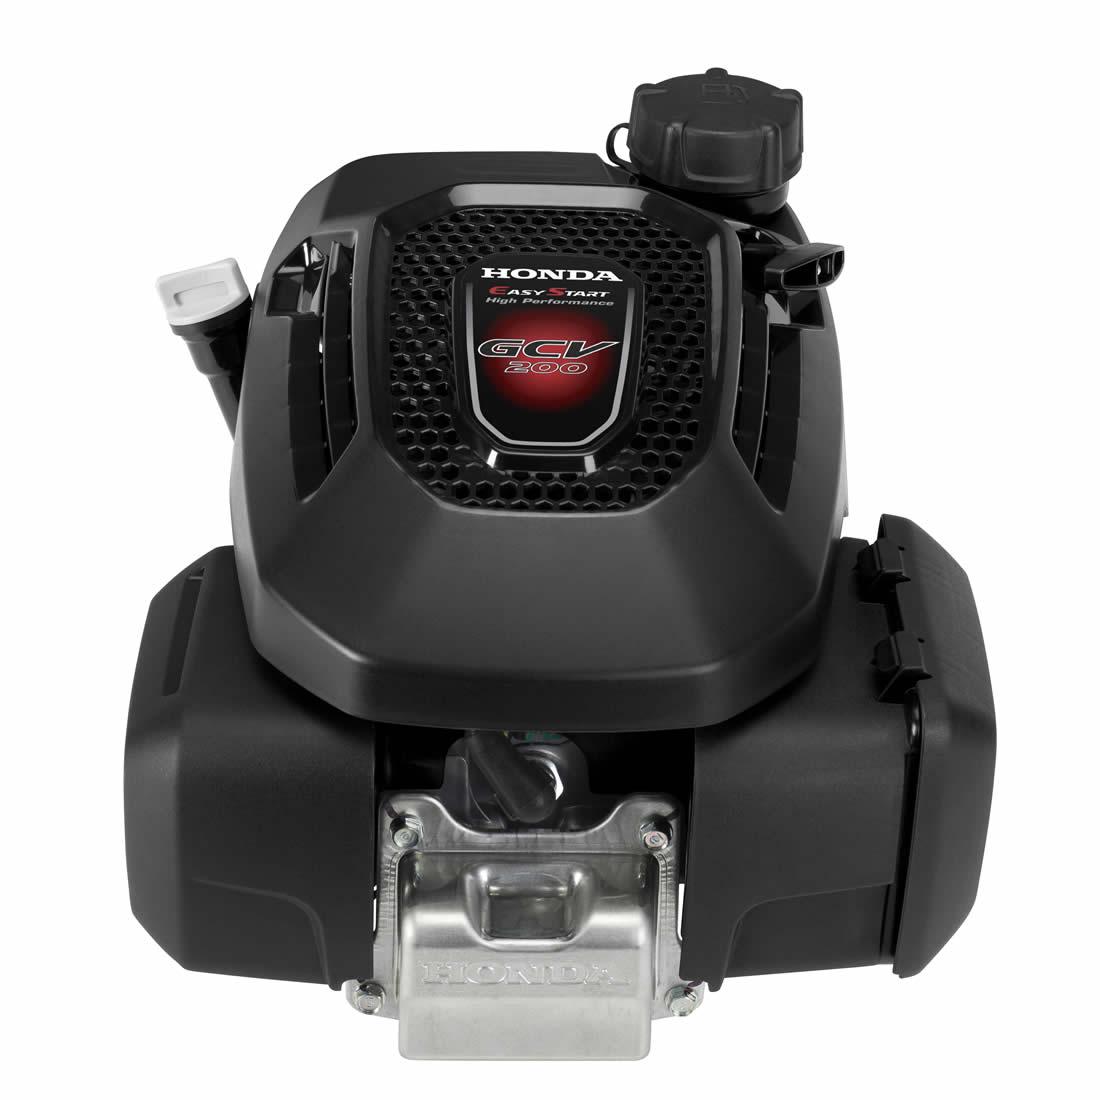 GCV200 Pressure Washer